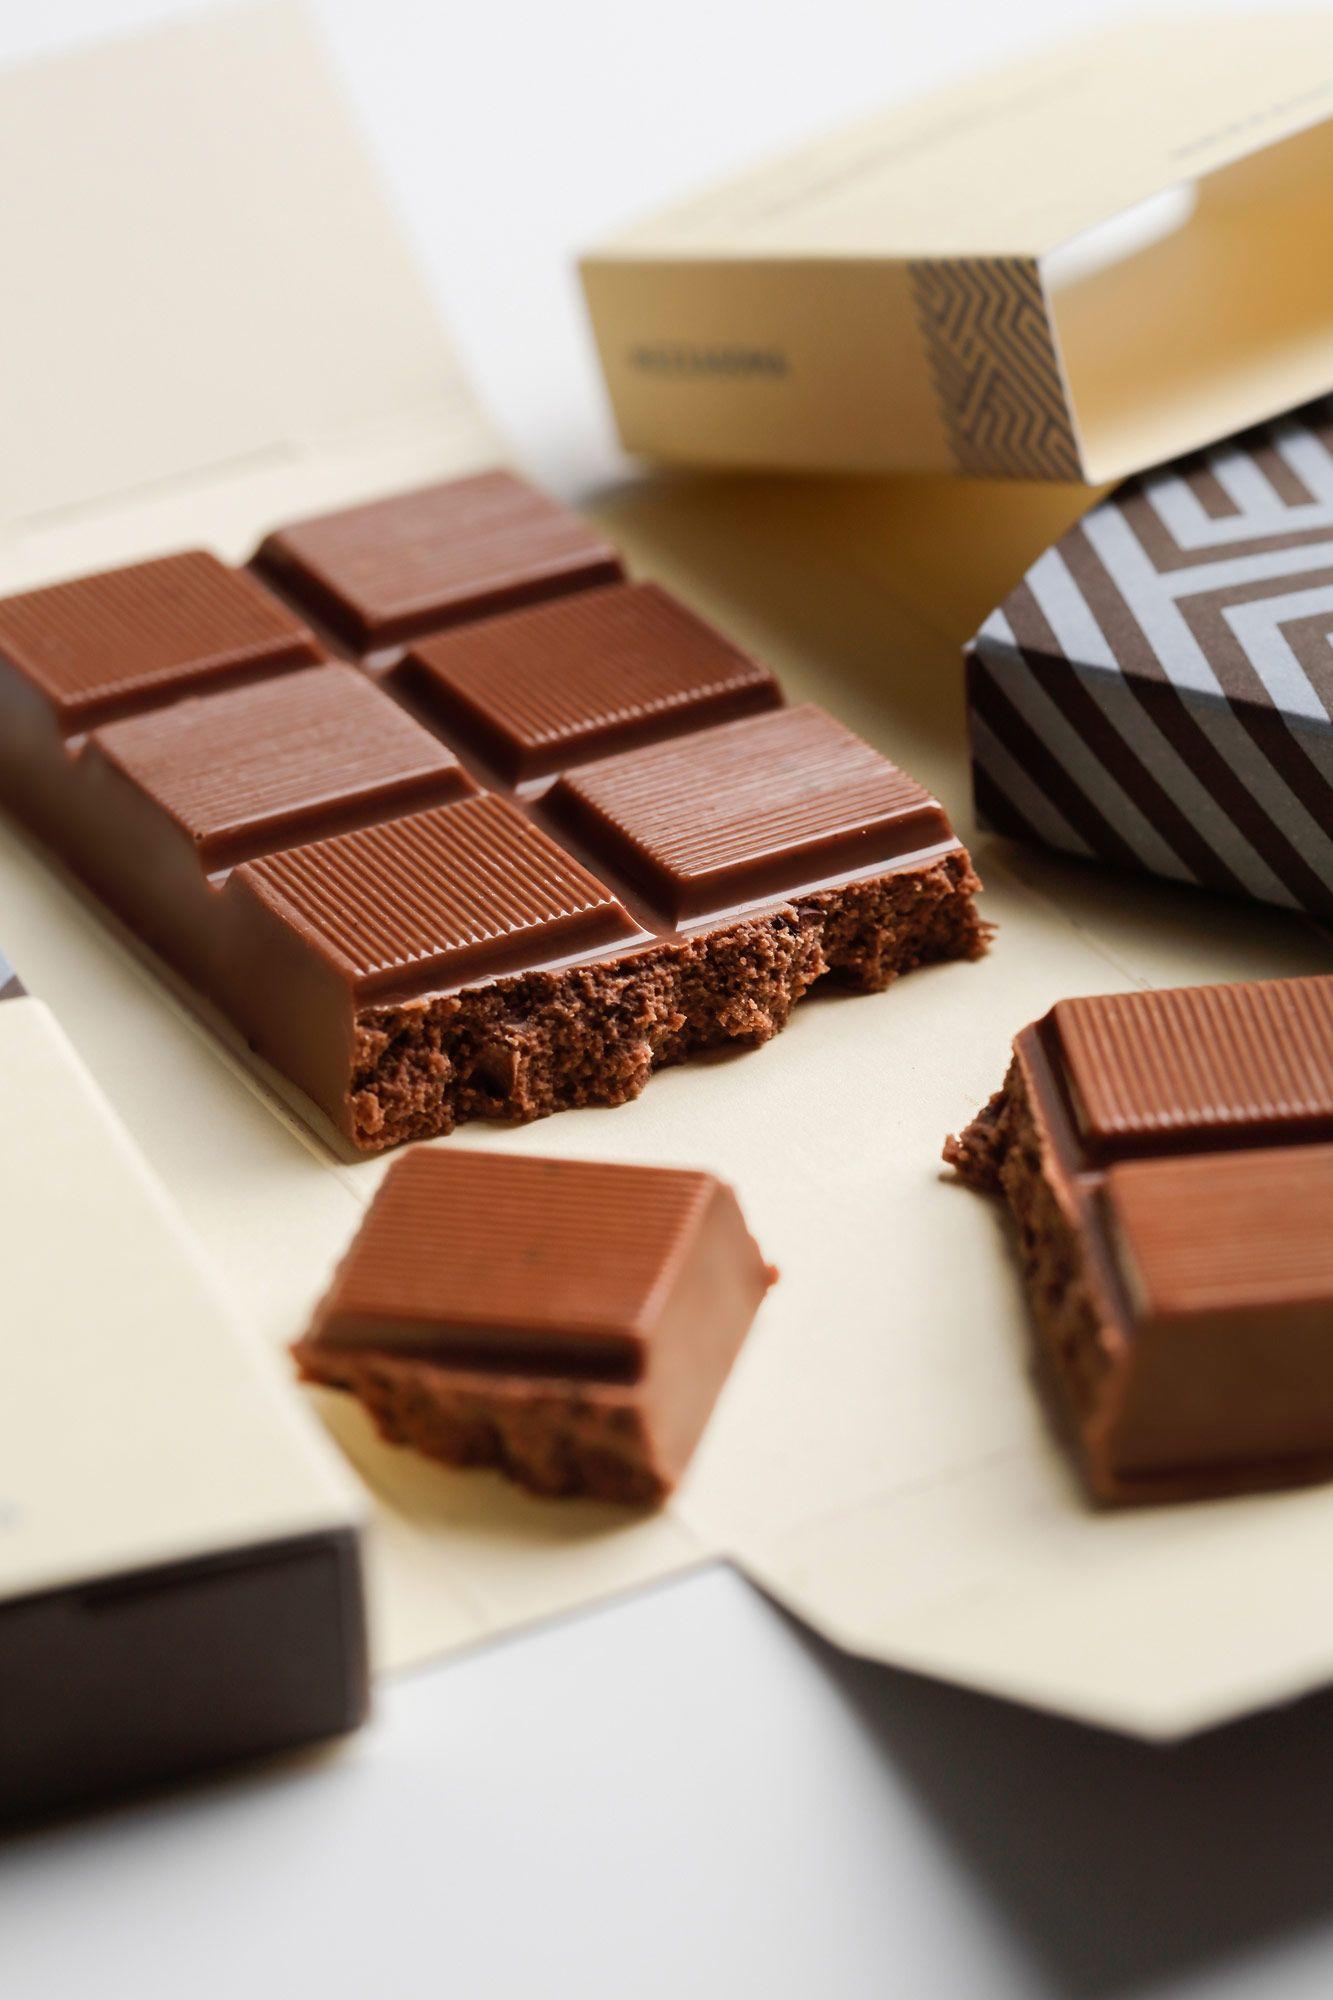 cioccolata milk mezzasoma puro cioccolato la latte con scaglie di fave di cacao